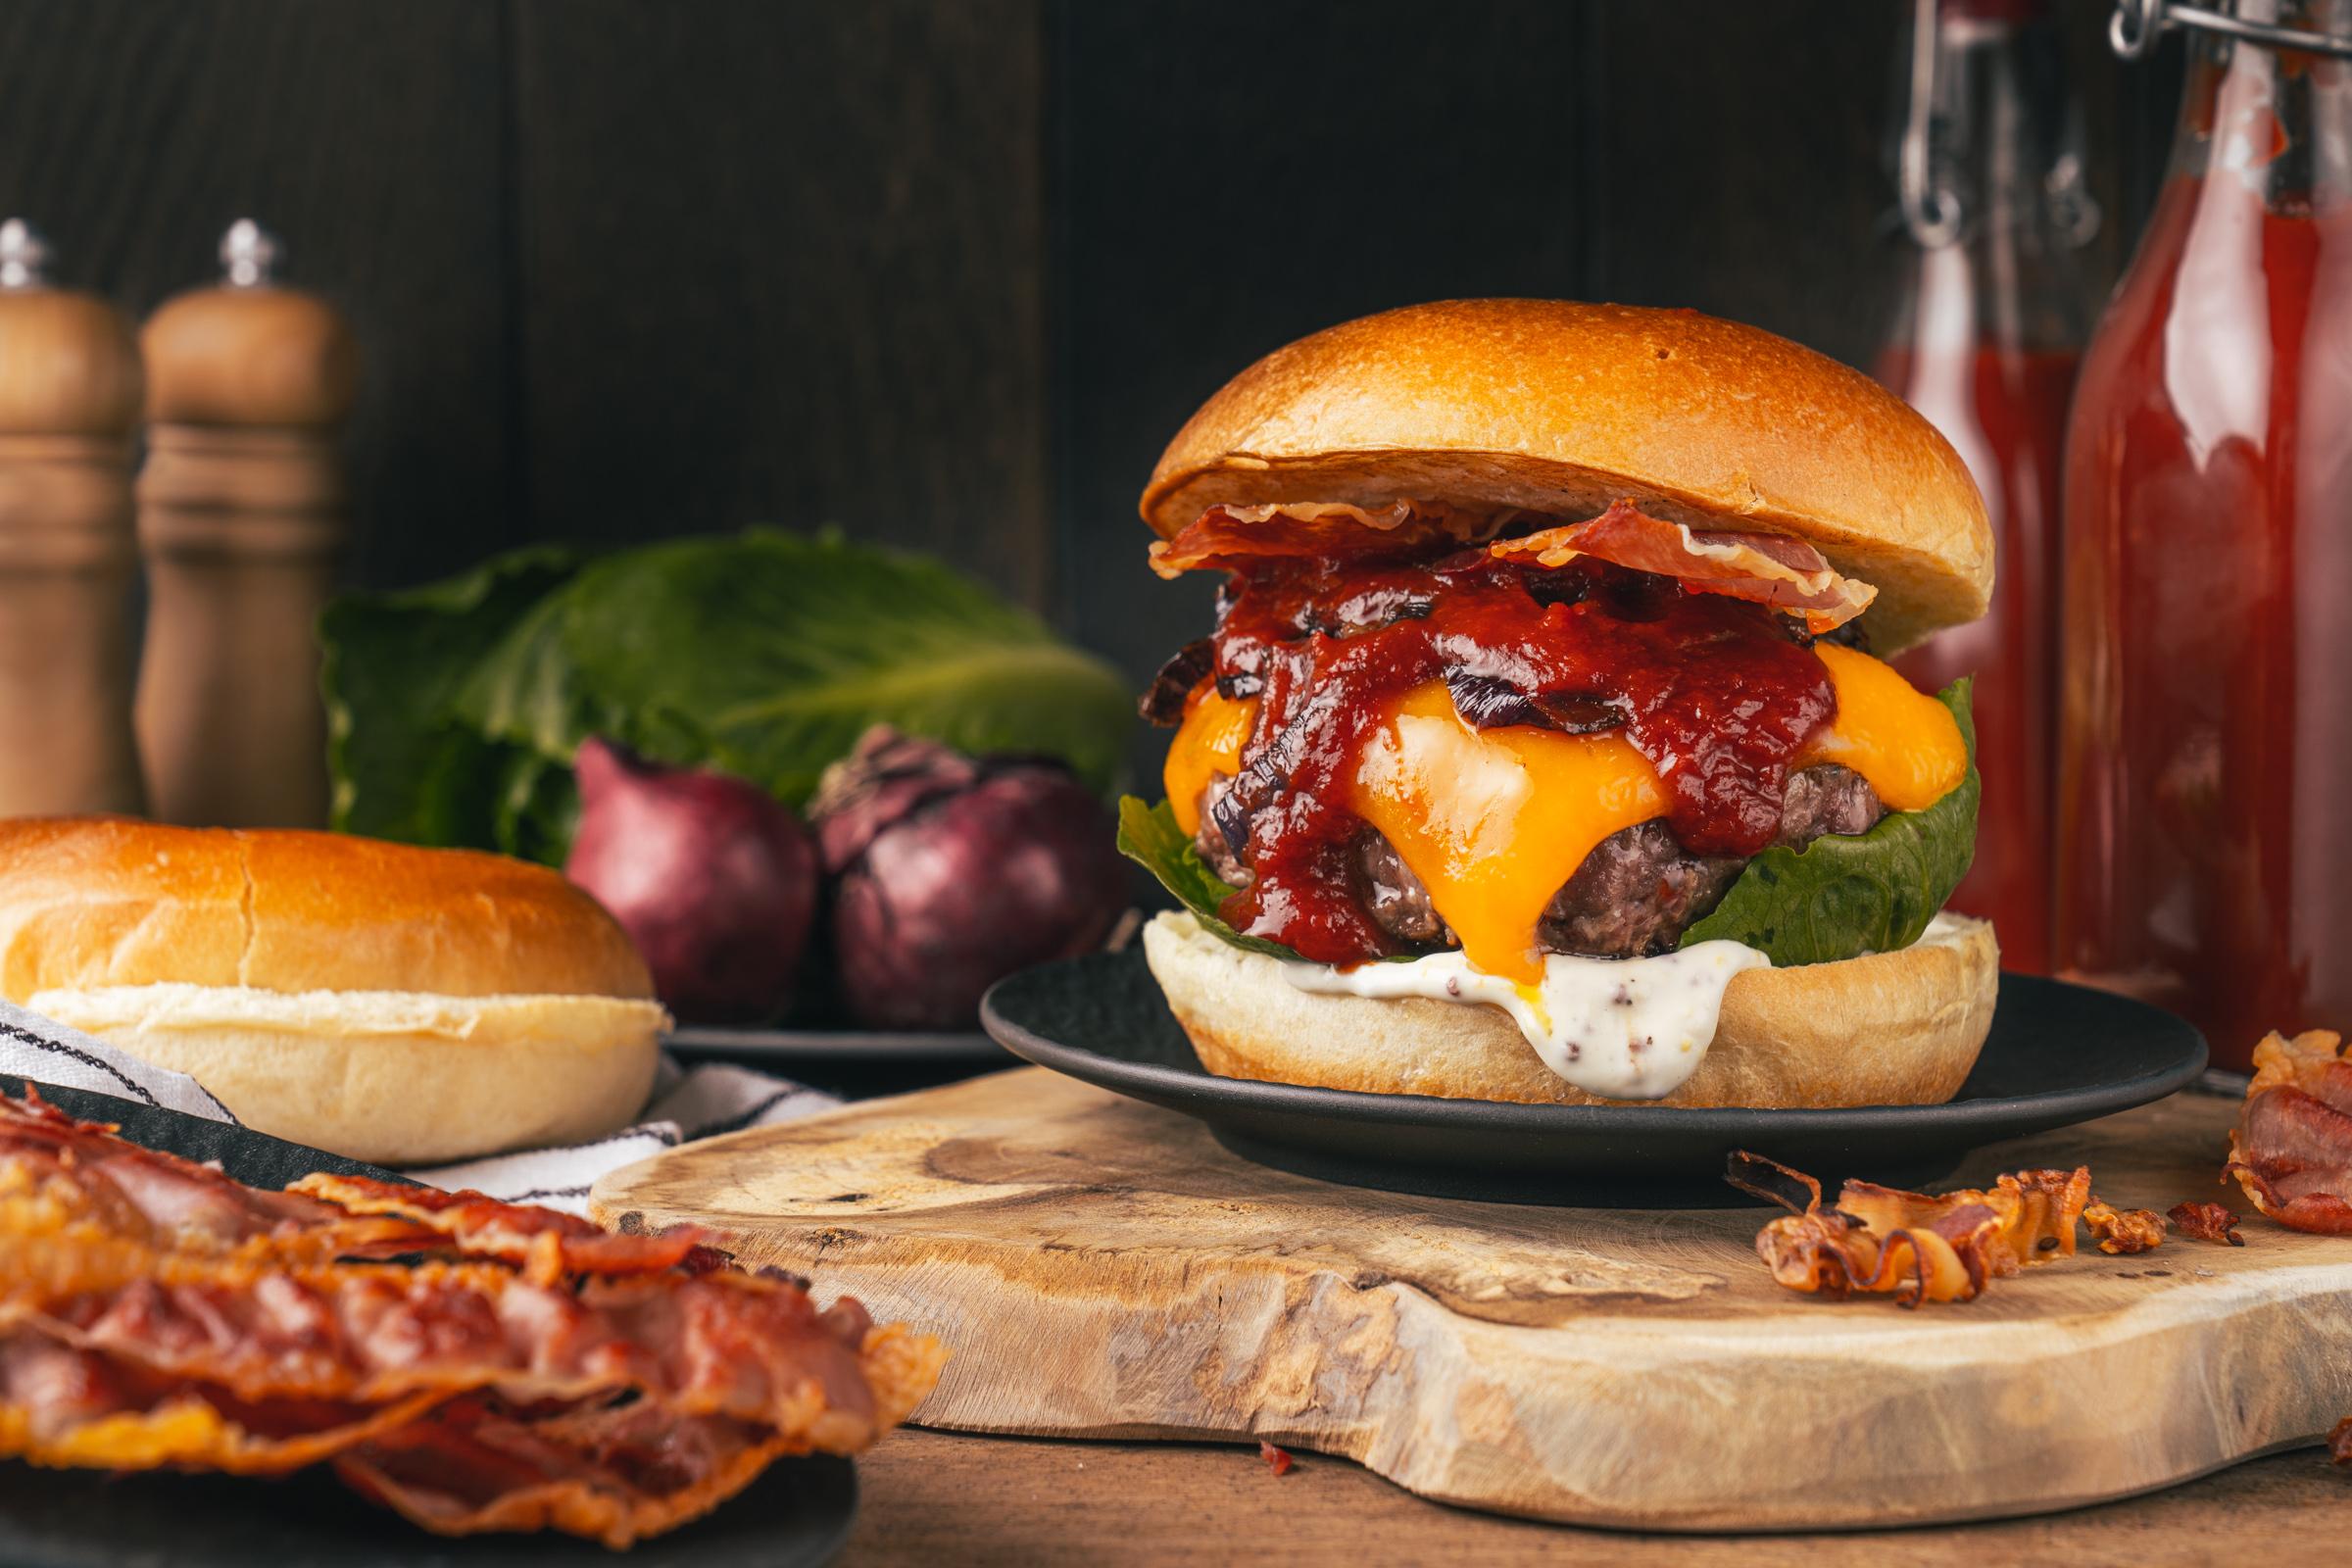 Rezept für einen klassischen BBQ-Cheeseburger, den wir mit einer dicken Scheibe Cheddar belegt haben. Getoppt von unserer BBQ-Sauce und Bacon, einfach perfekt.